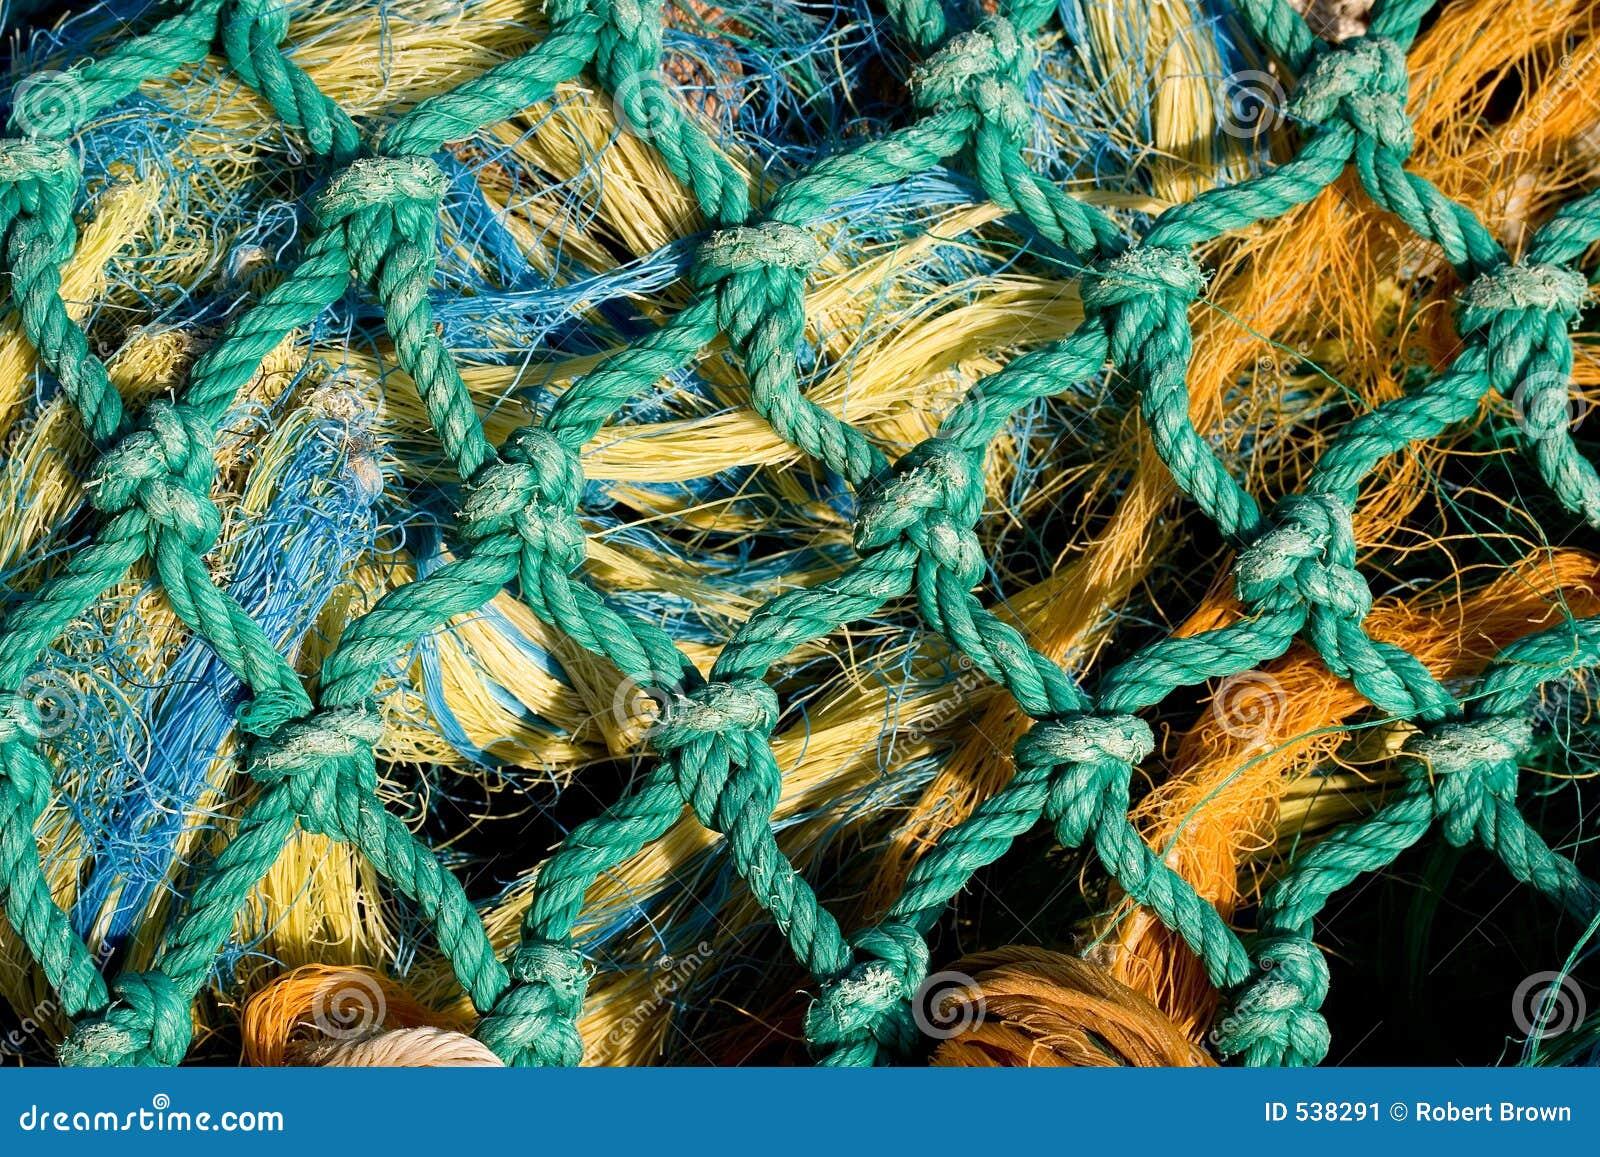 Rete da pesca 3 immagine stock immagine 538291 - Rete da pesca per decorazioni ...